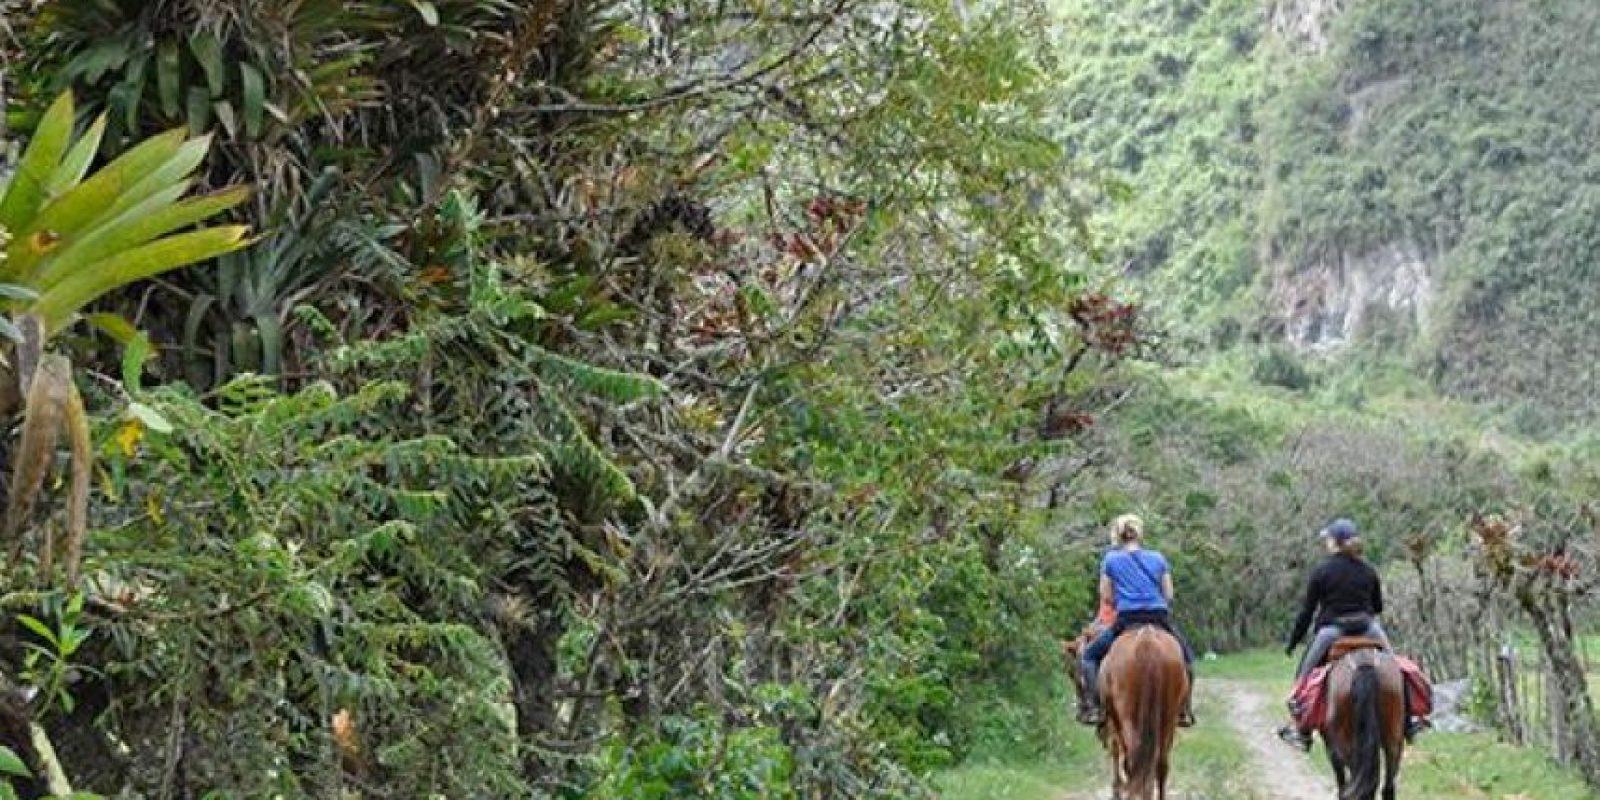 Pululahua es uno de los sitios más secretos de Ecuador a tan solo 17 kilómetros al norte de Quito, se encuentra en el interior y en las laderas del volcán con el mismo nombre. Foto:Vía quito.com.ec